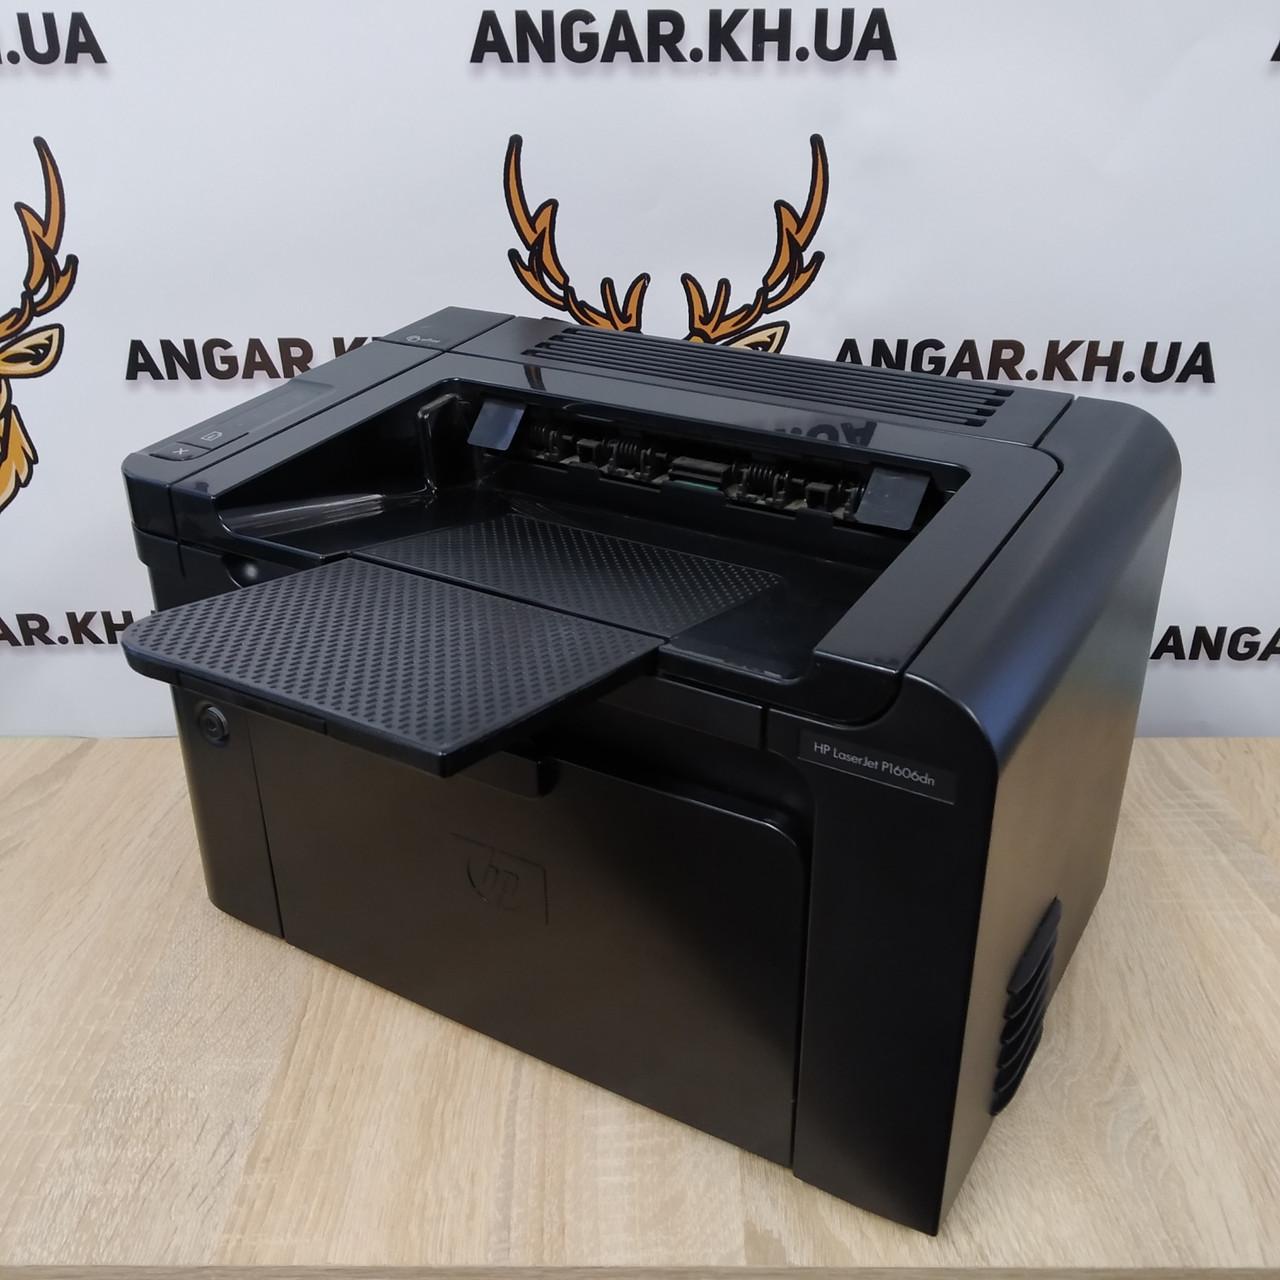 Принтер бу лазерный ч/б HP LaserJet 1606dn (Duplex / LAN)